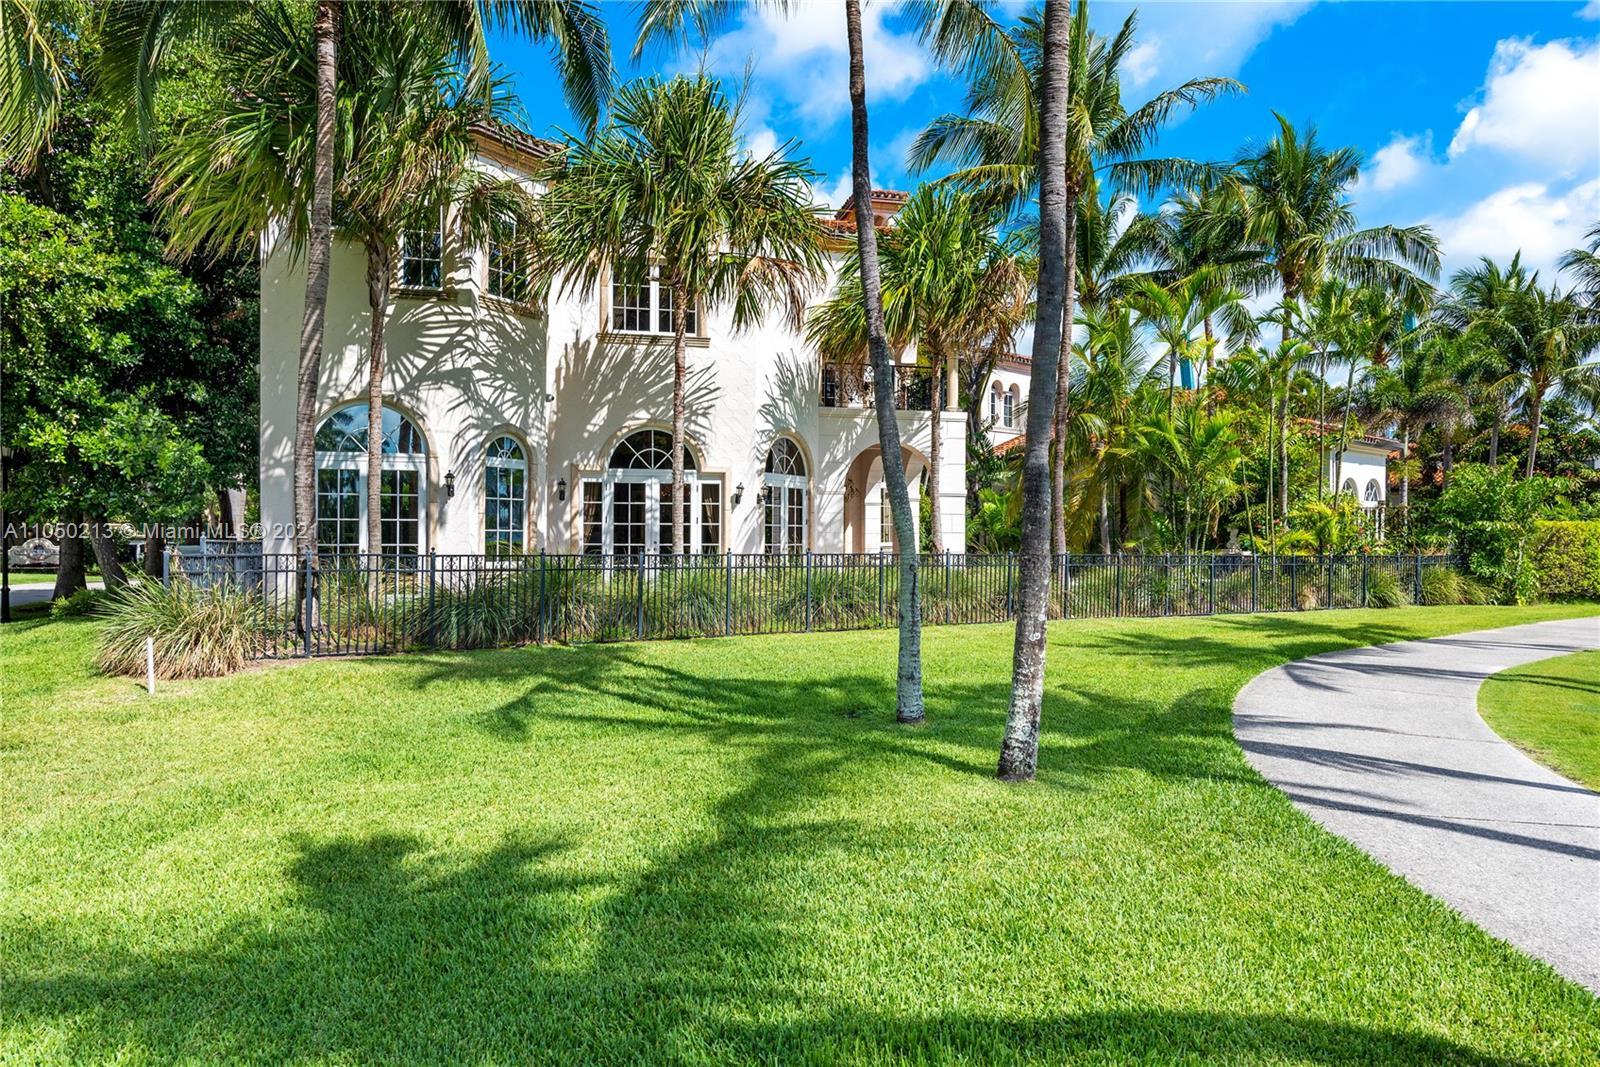 6923 Valencia Dr, Miami Beach, Florida 33109